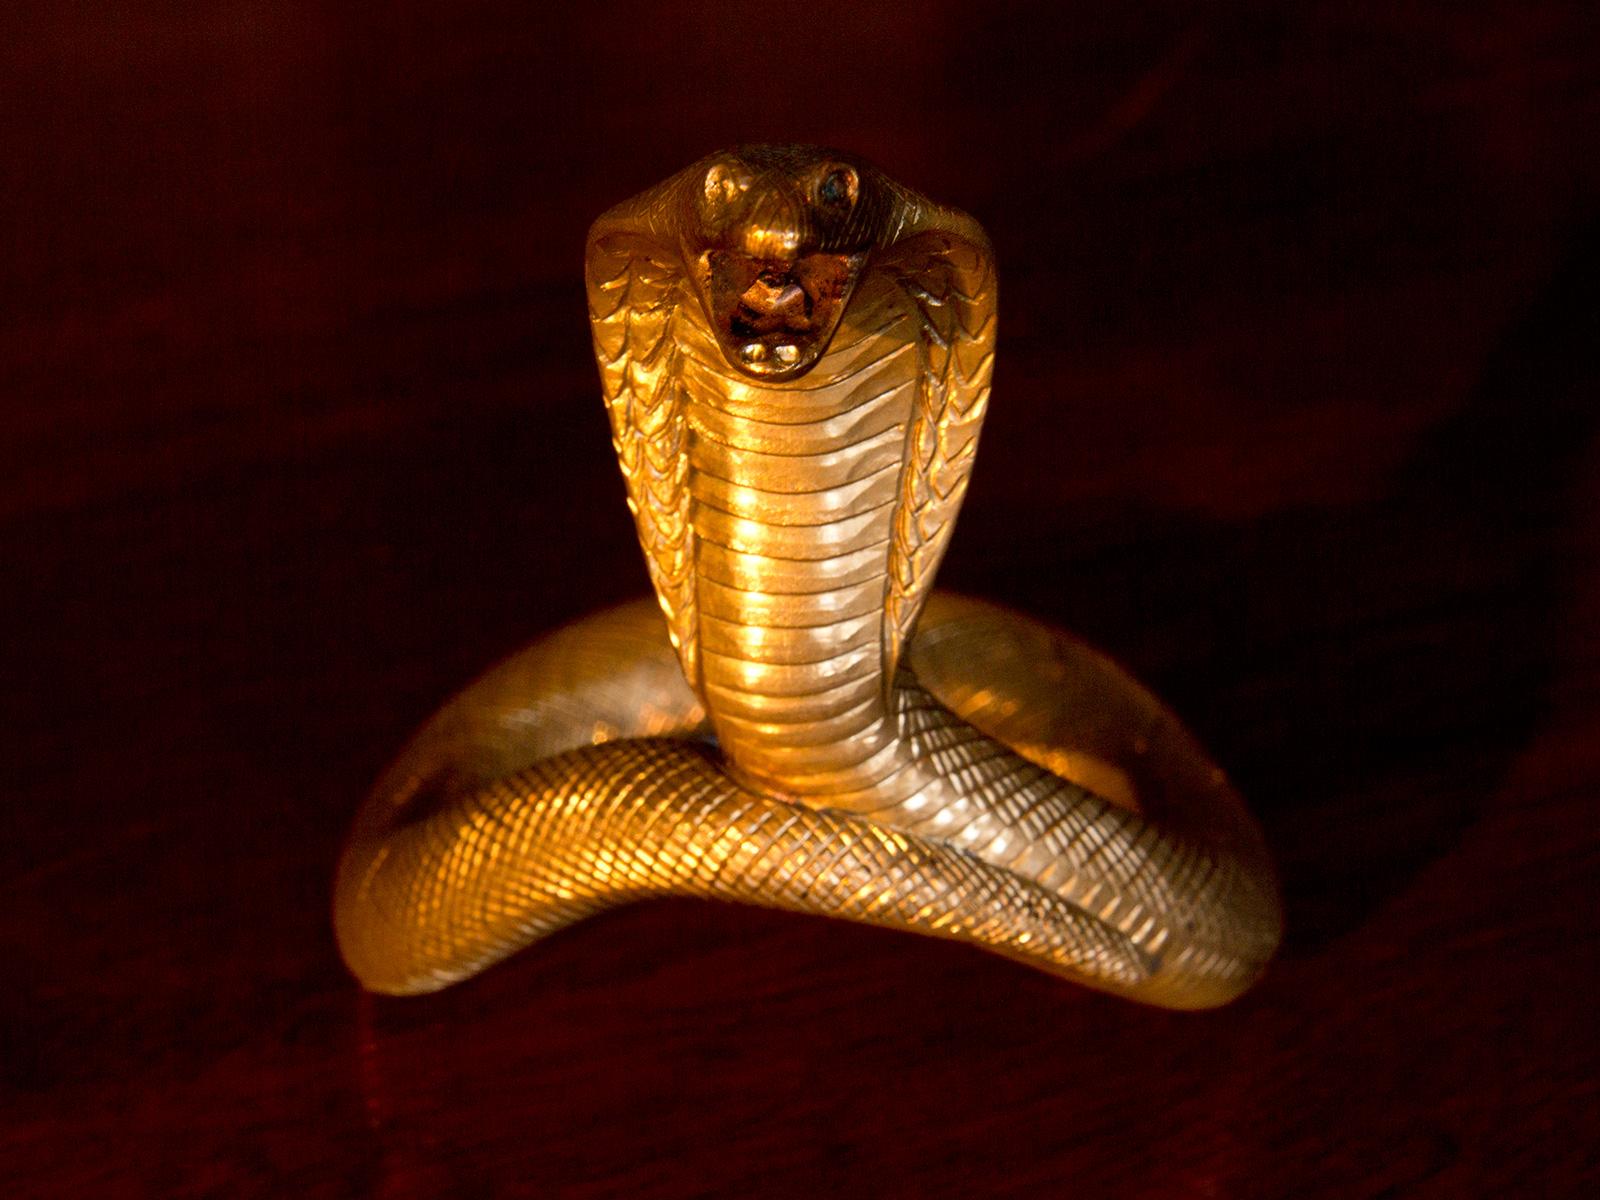 Velv'or King Cobra Gentlemen's Ring